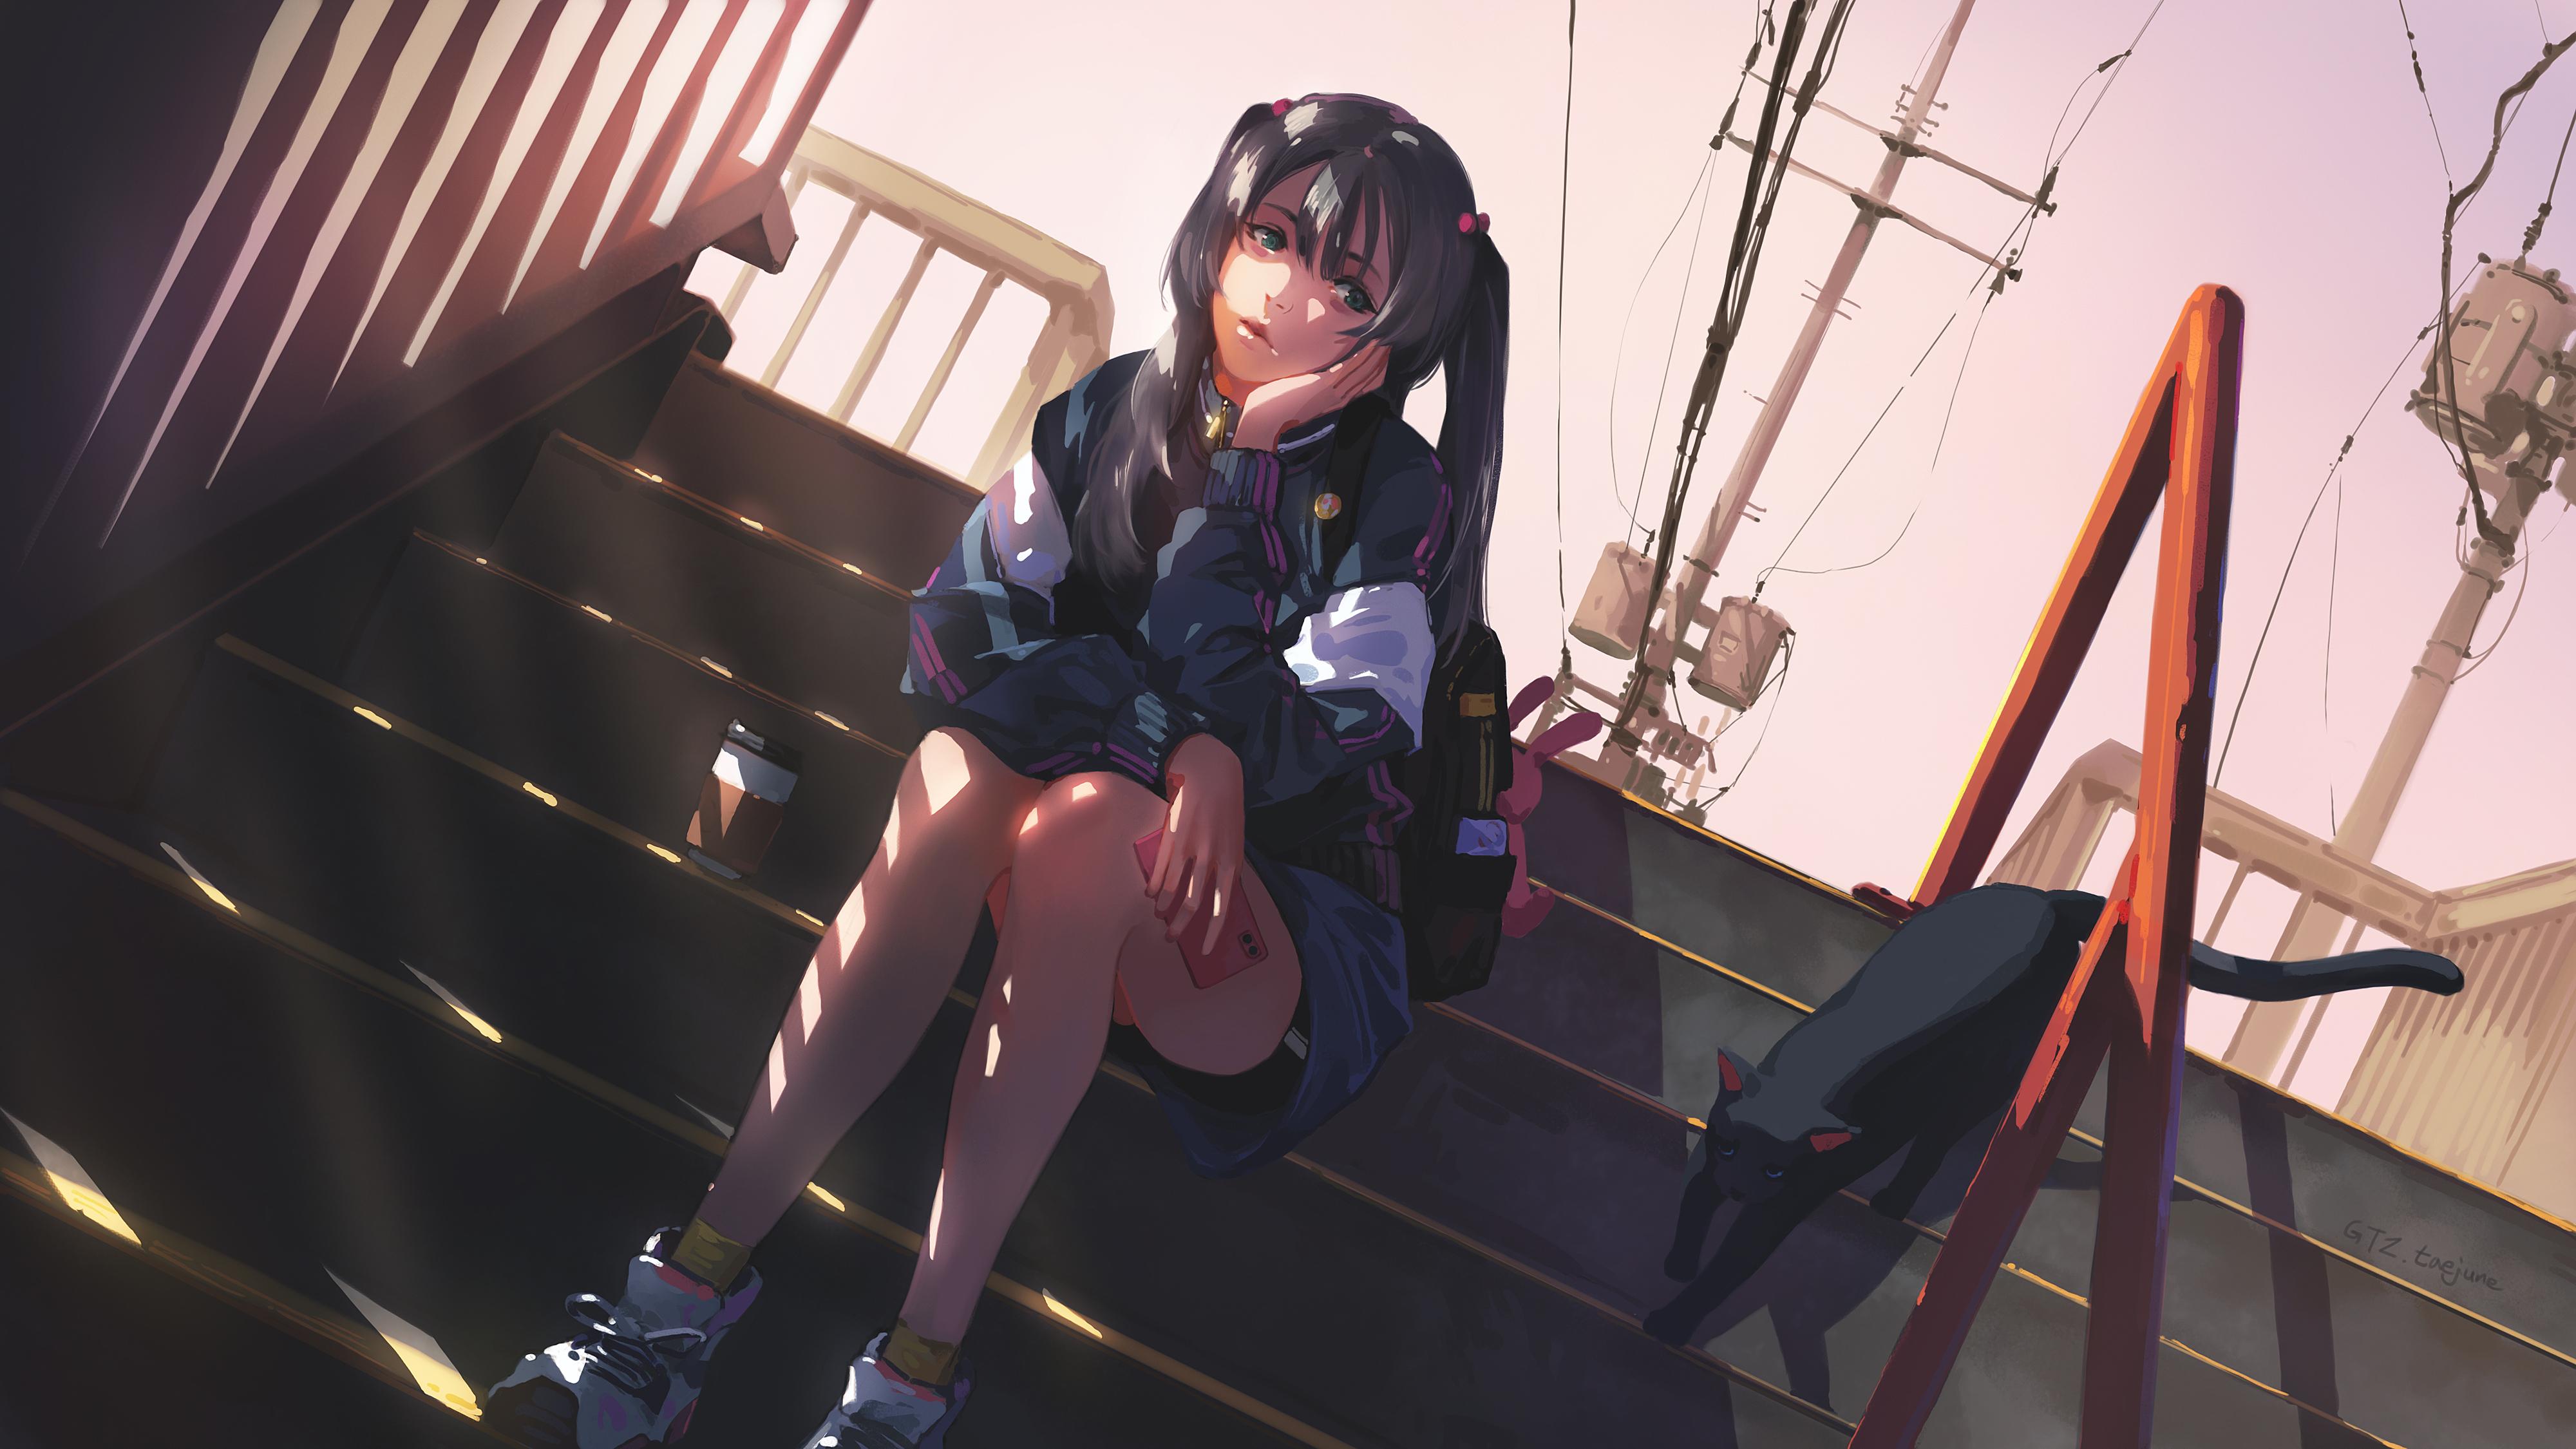 Anime 4000x2250 anime girls thighs dark hair stairs GTZ taejune Taejune Kim